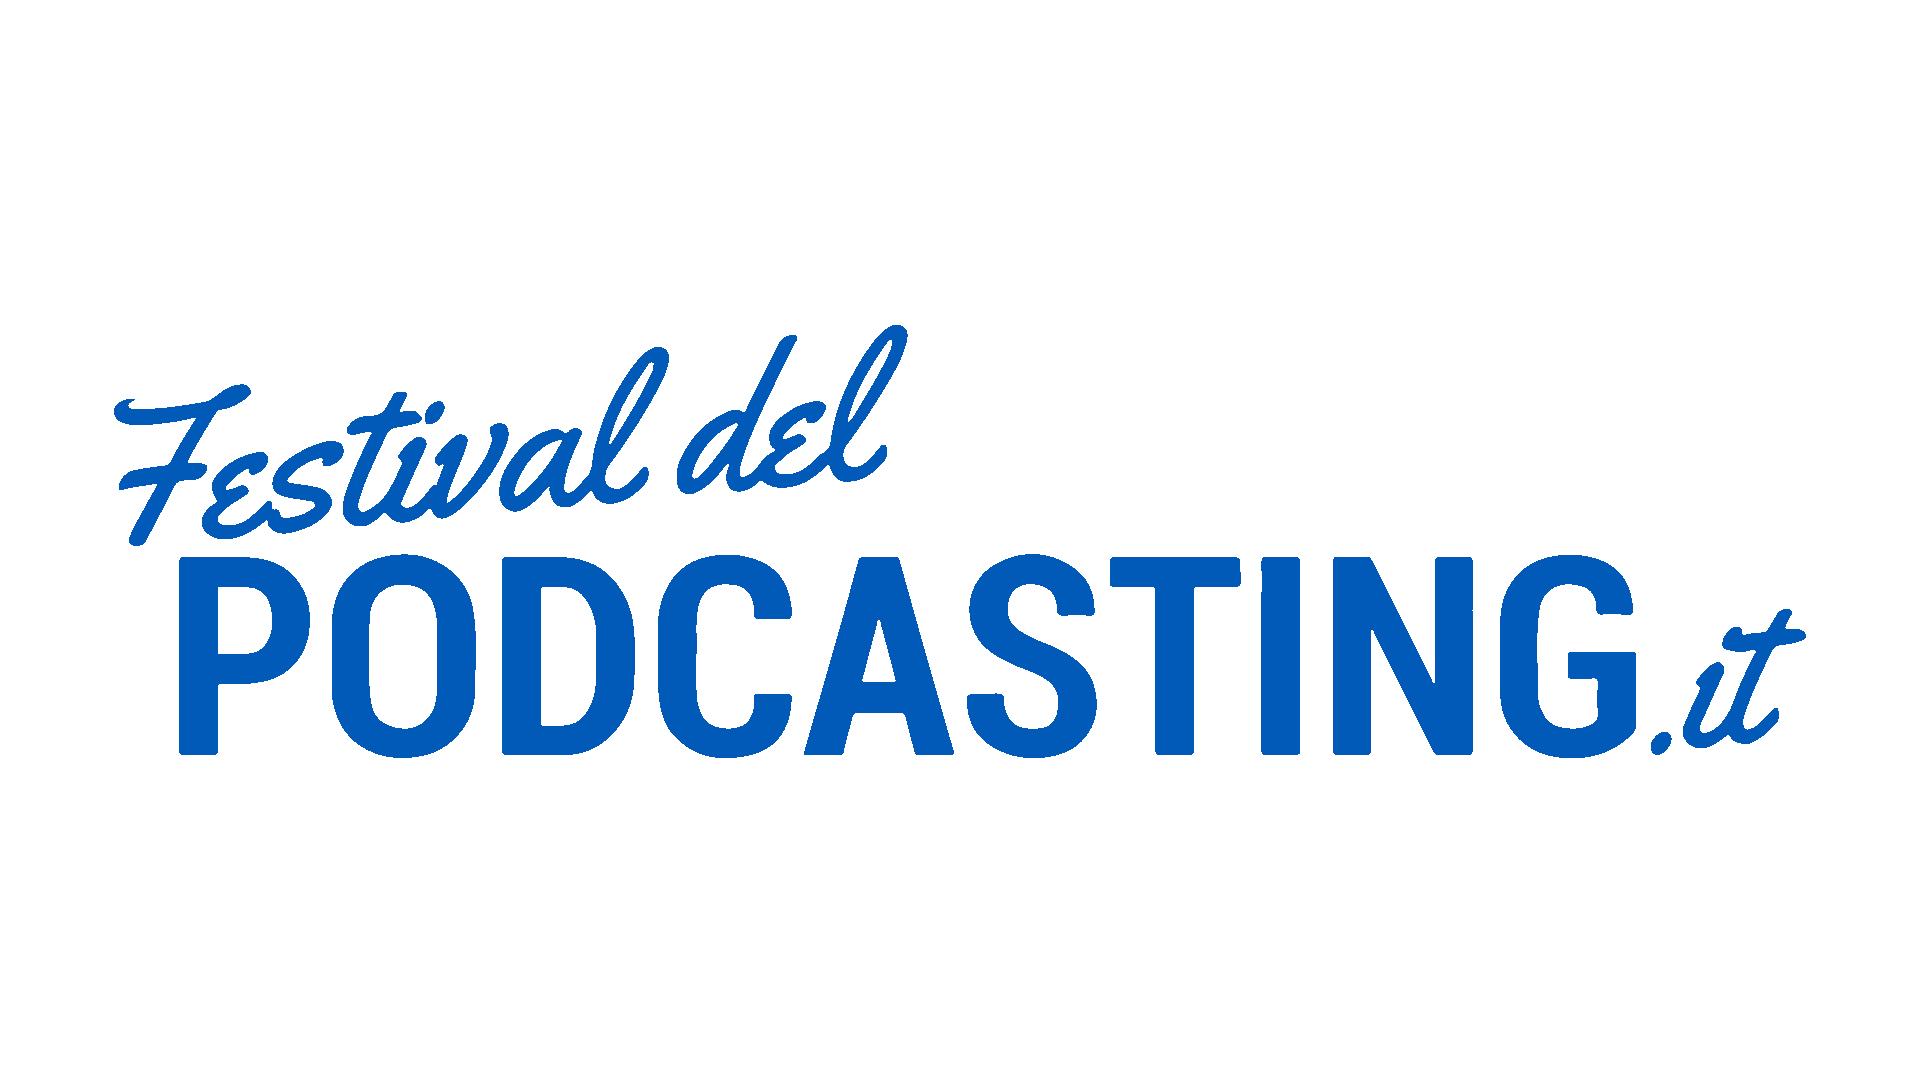 Festival del podcasting- logo